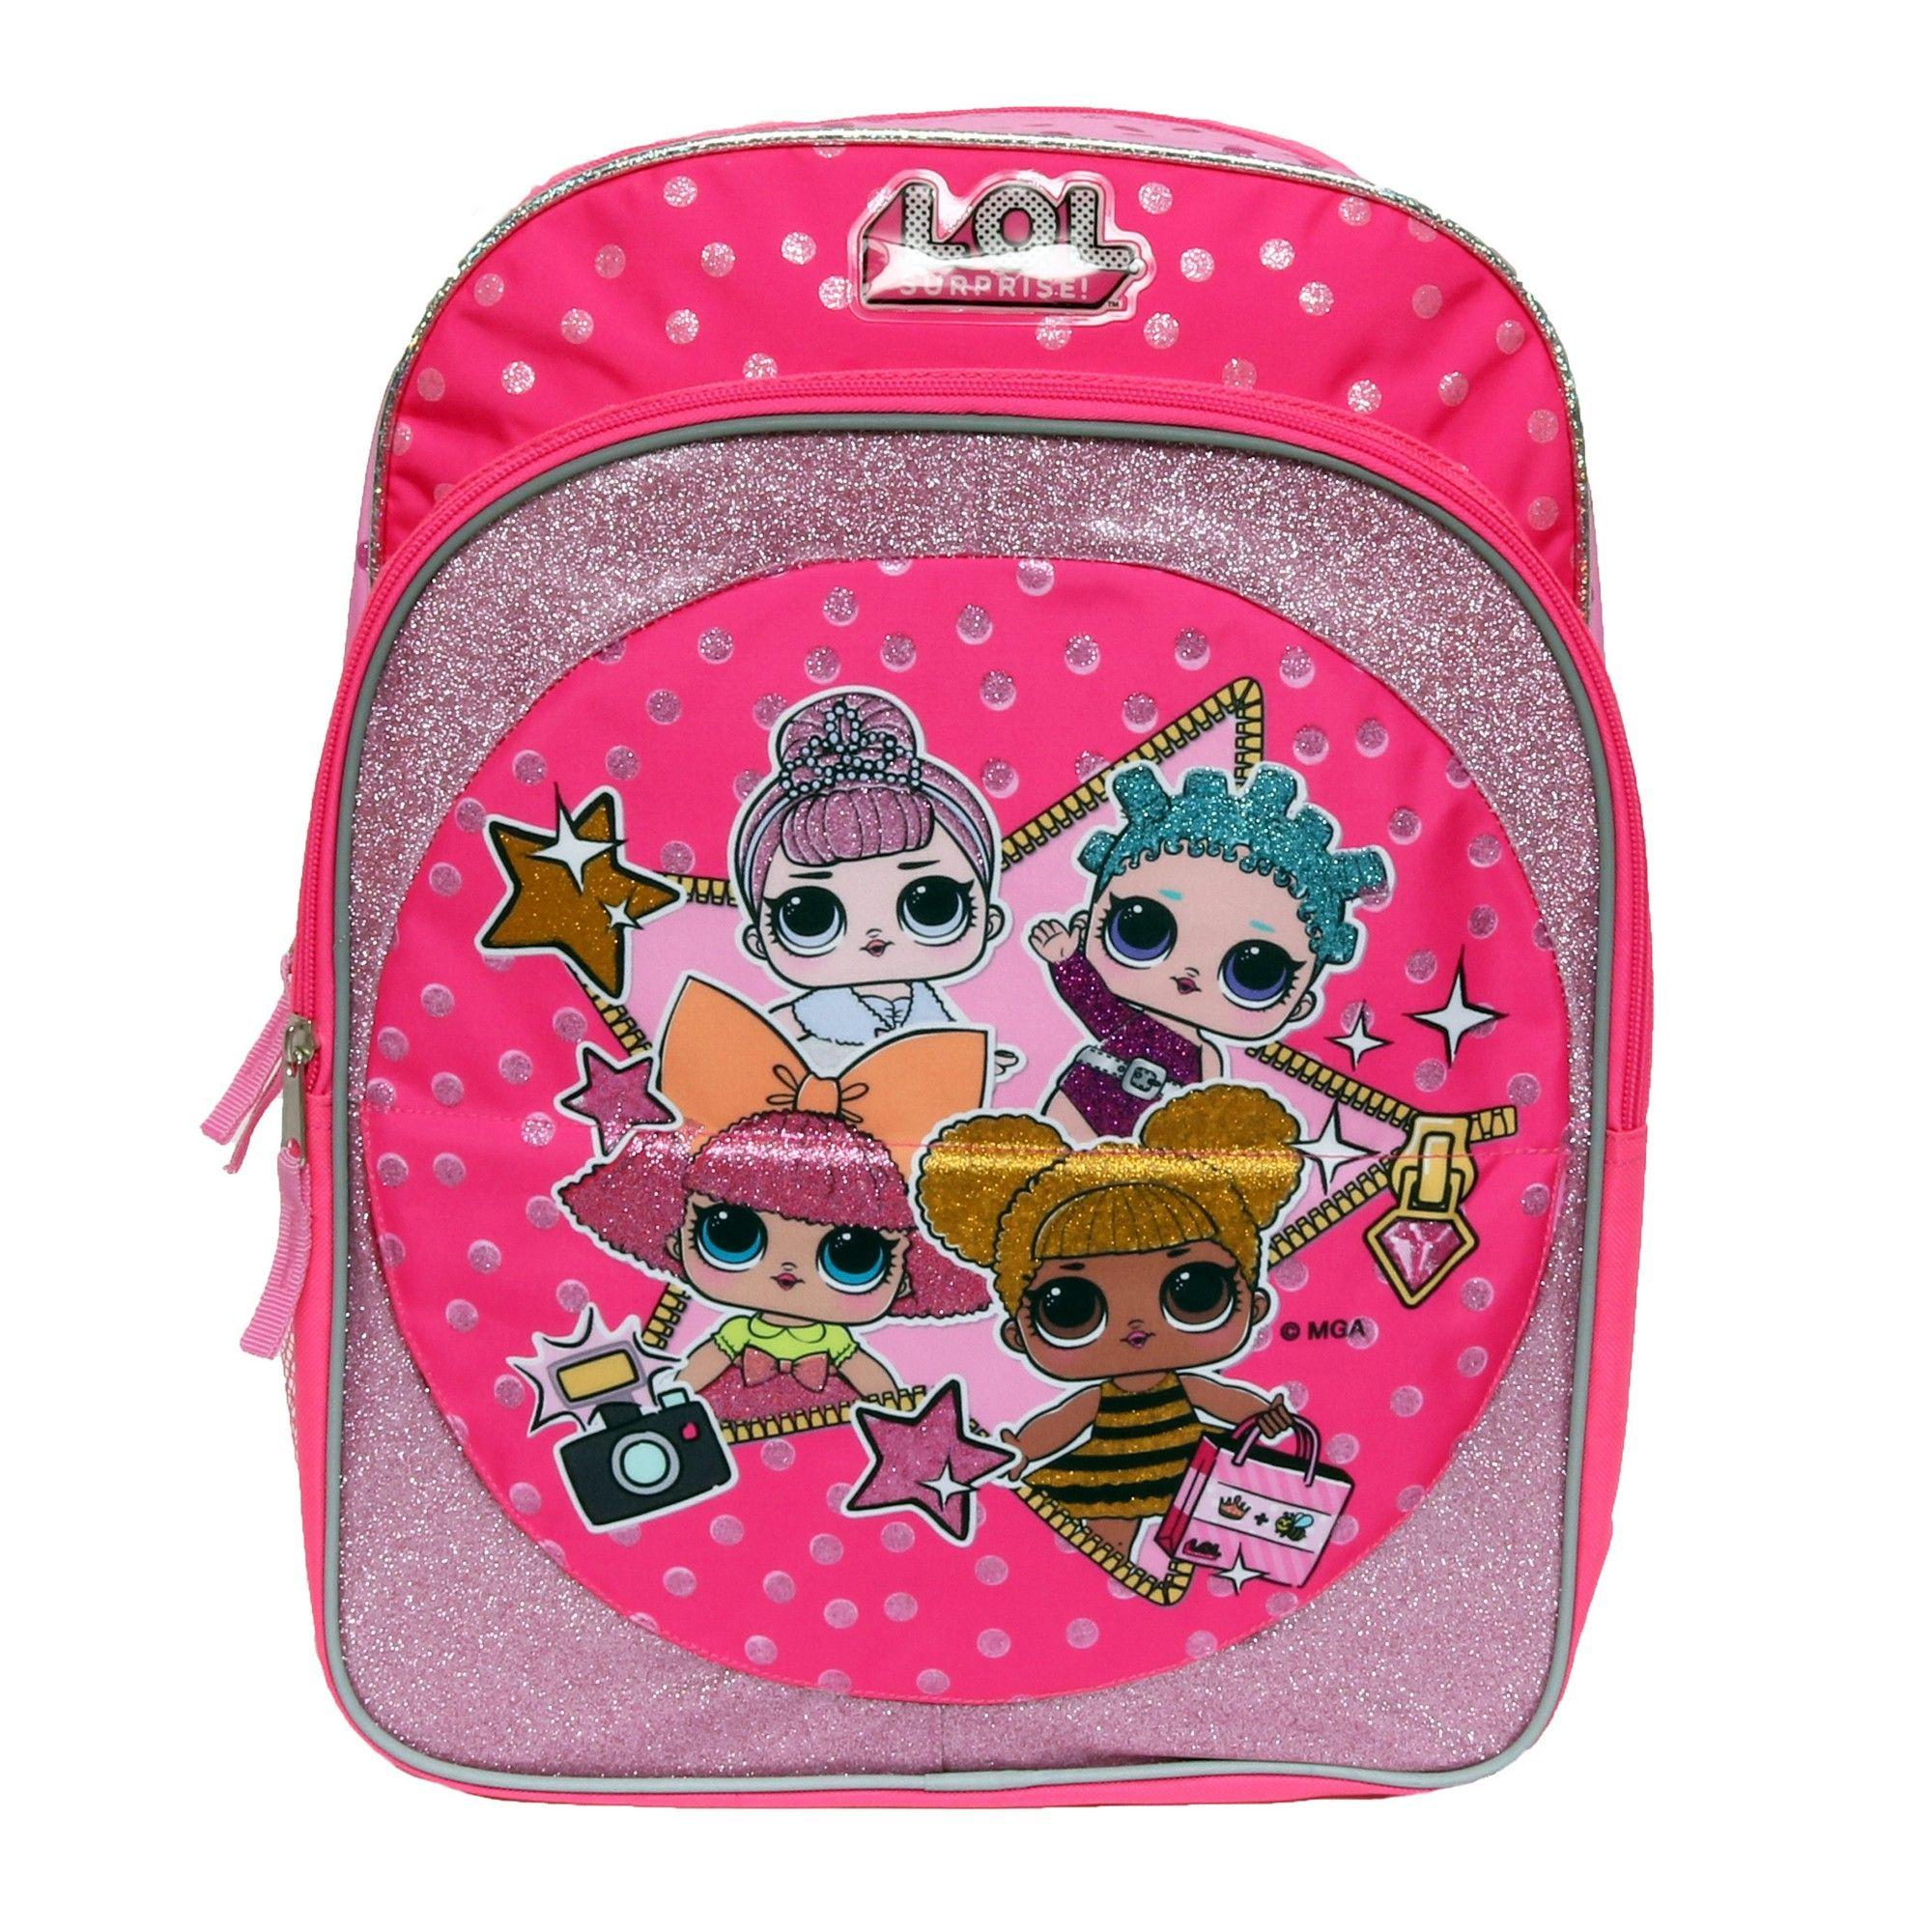 L.O.L. Surprise! 16 Just Flip Kids  Backpack - Pink  24bb4ceaf0292